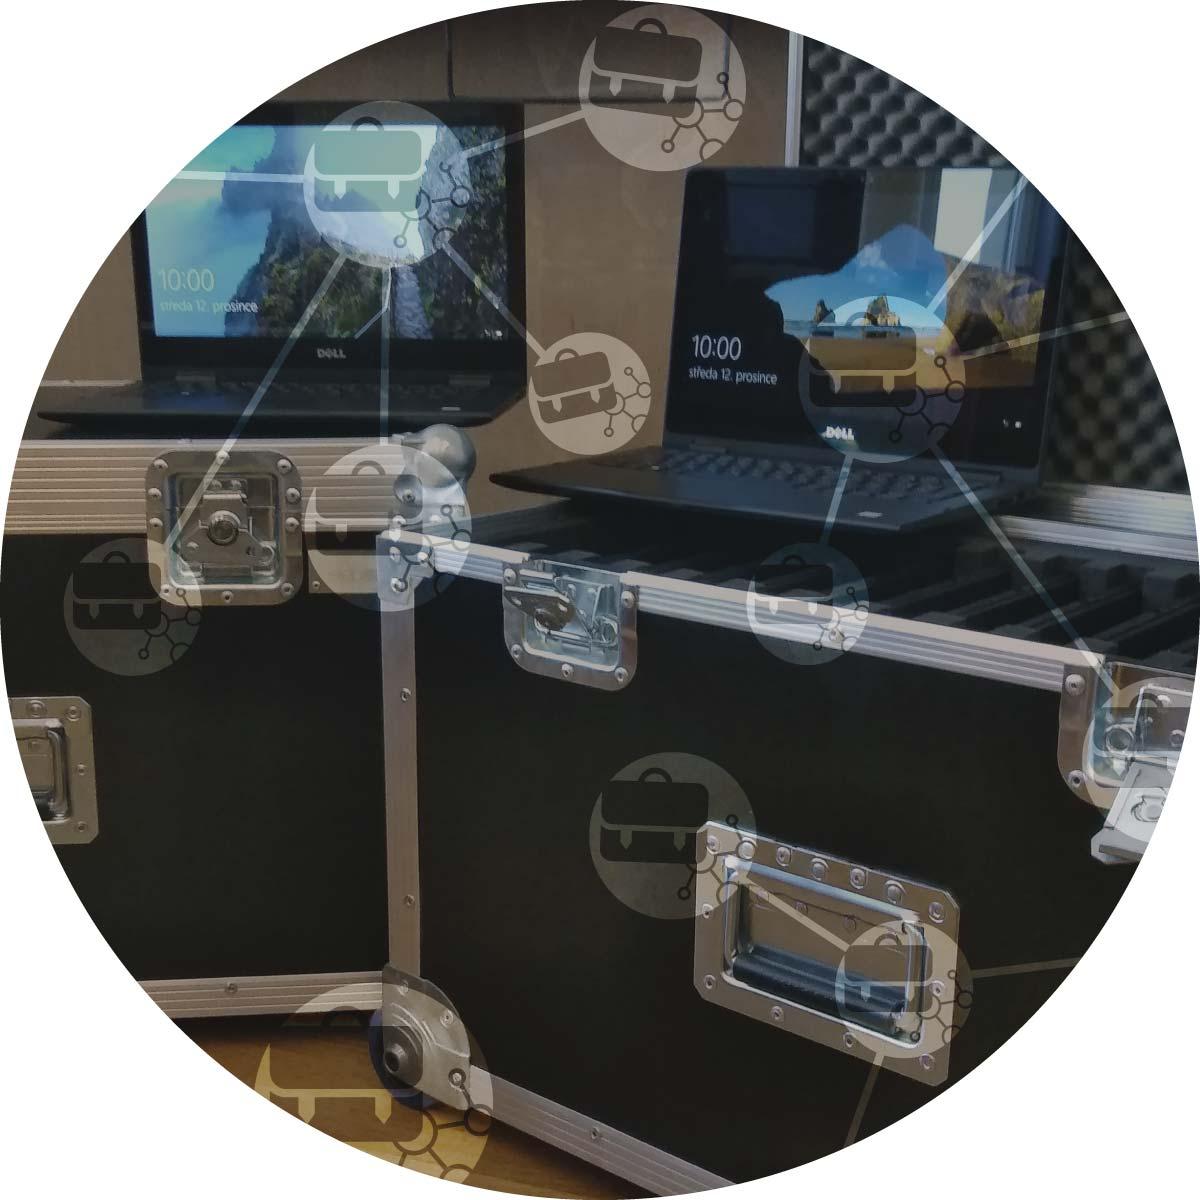 Pohled na bedny a počítače představující mobilní učebny